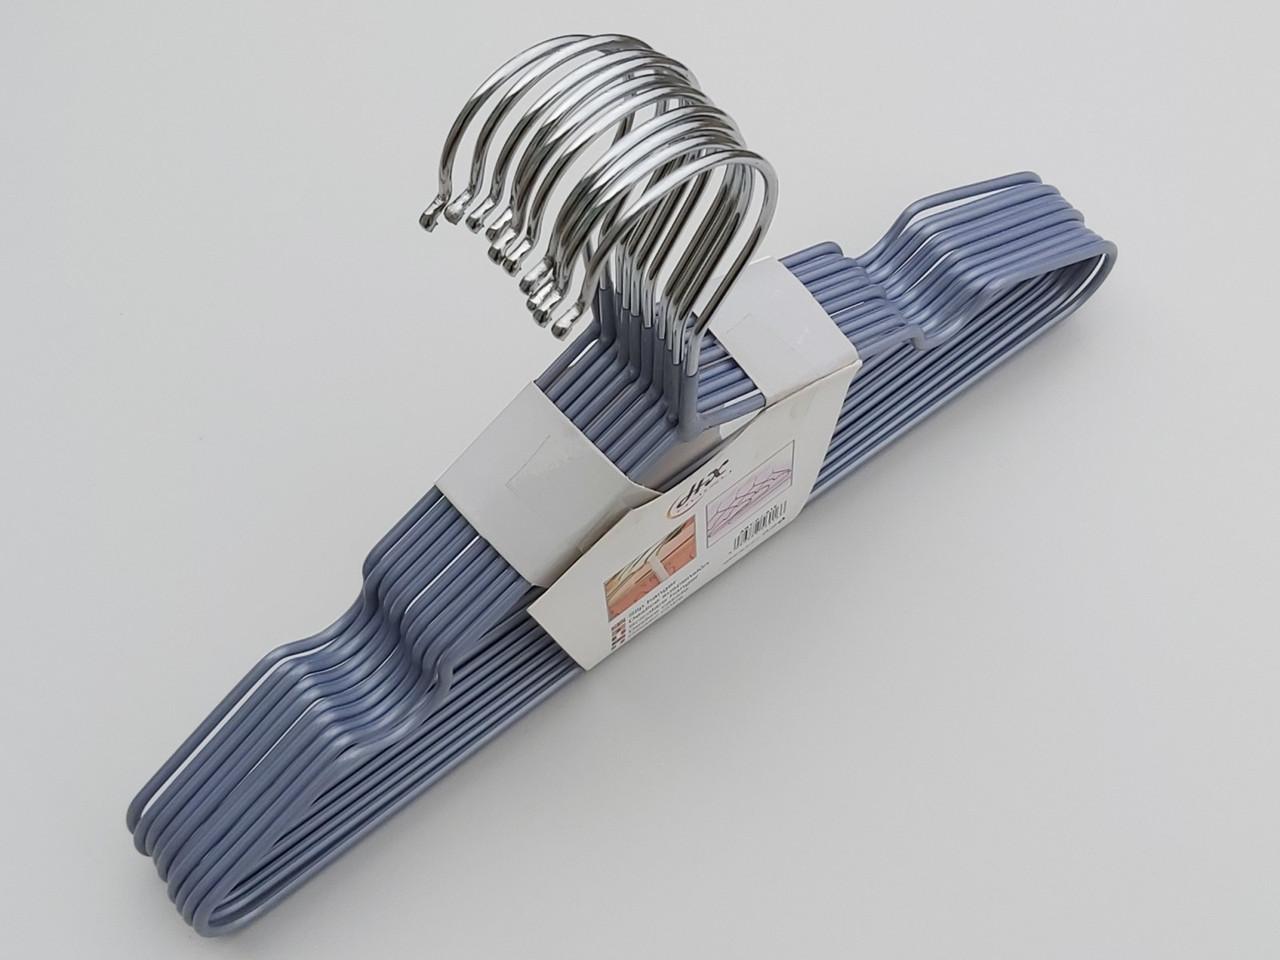 Плечики детские металлические в силиконовом покрытии серые, 30 см, 10 штук в упаковке